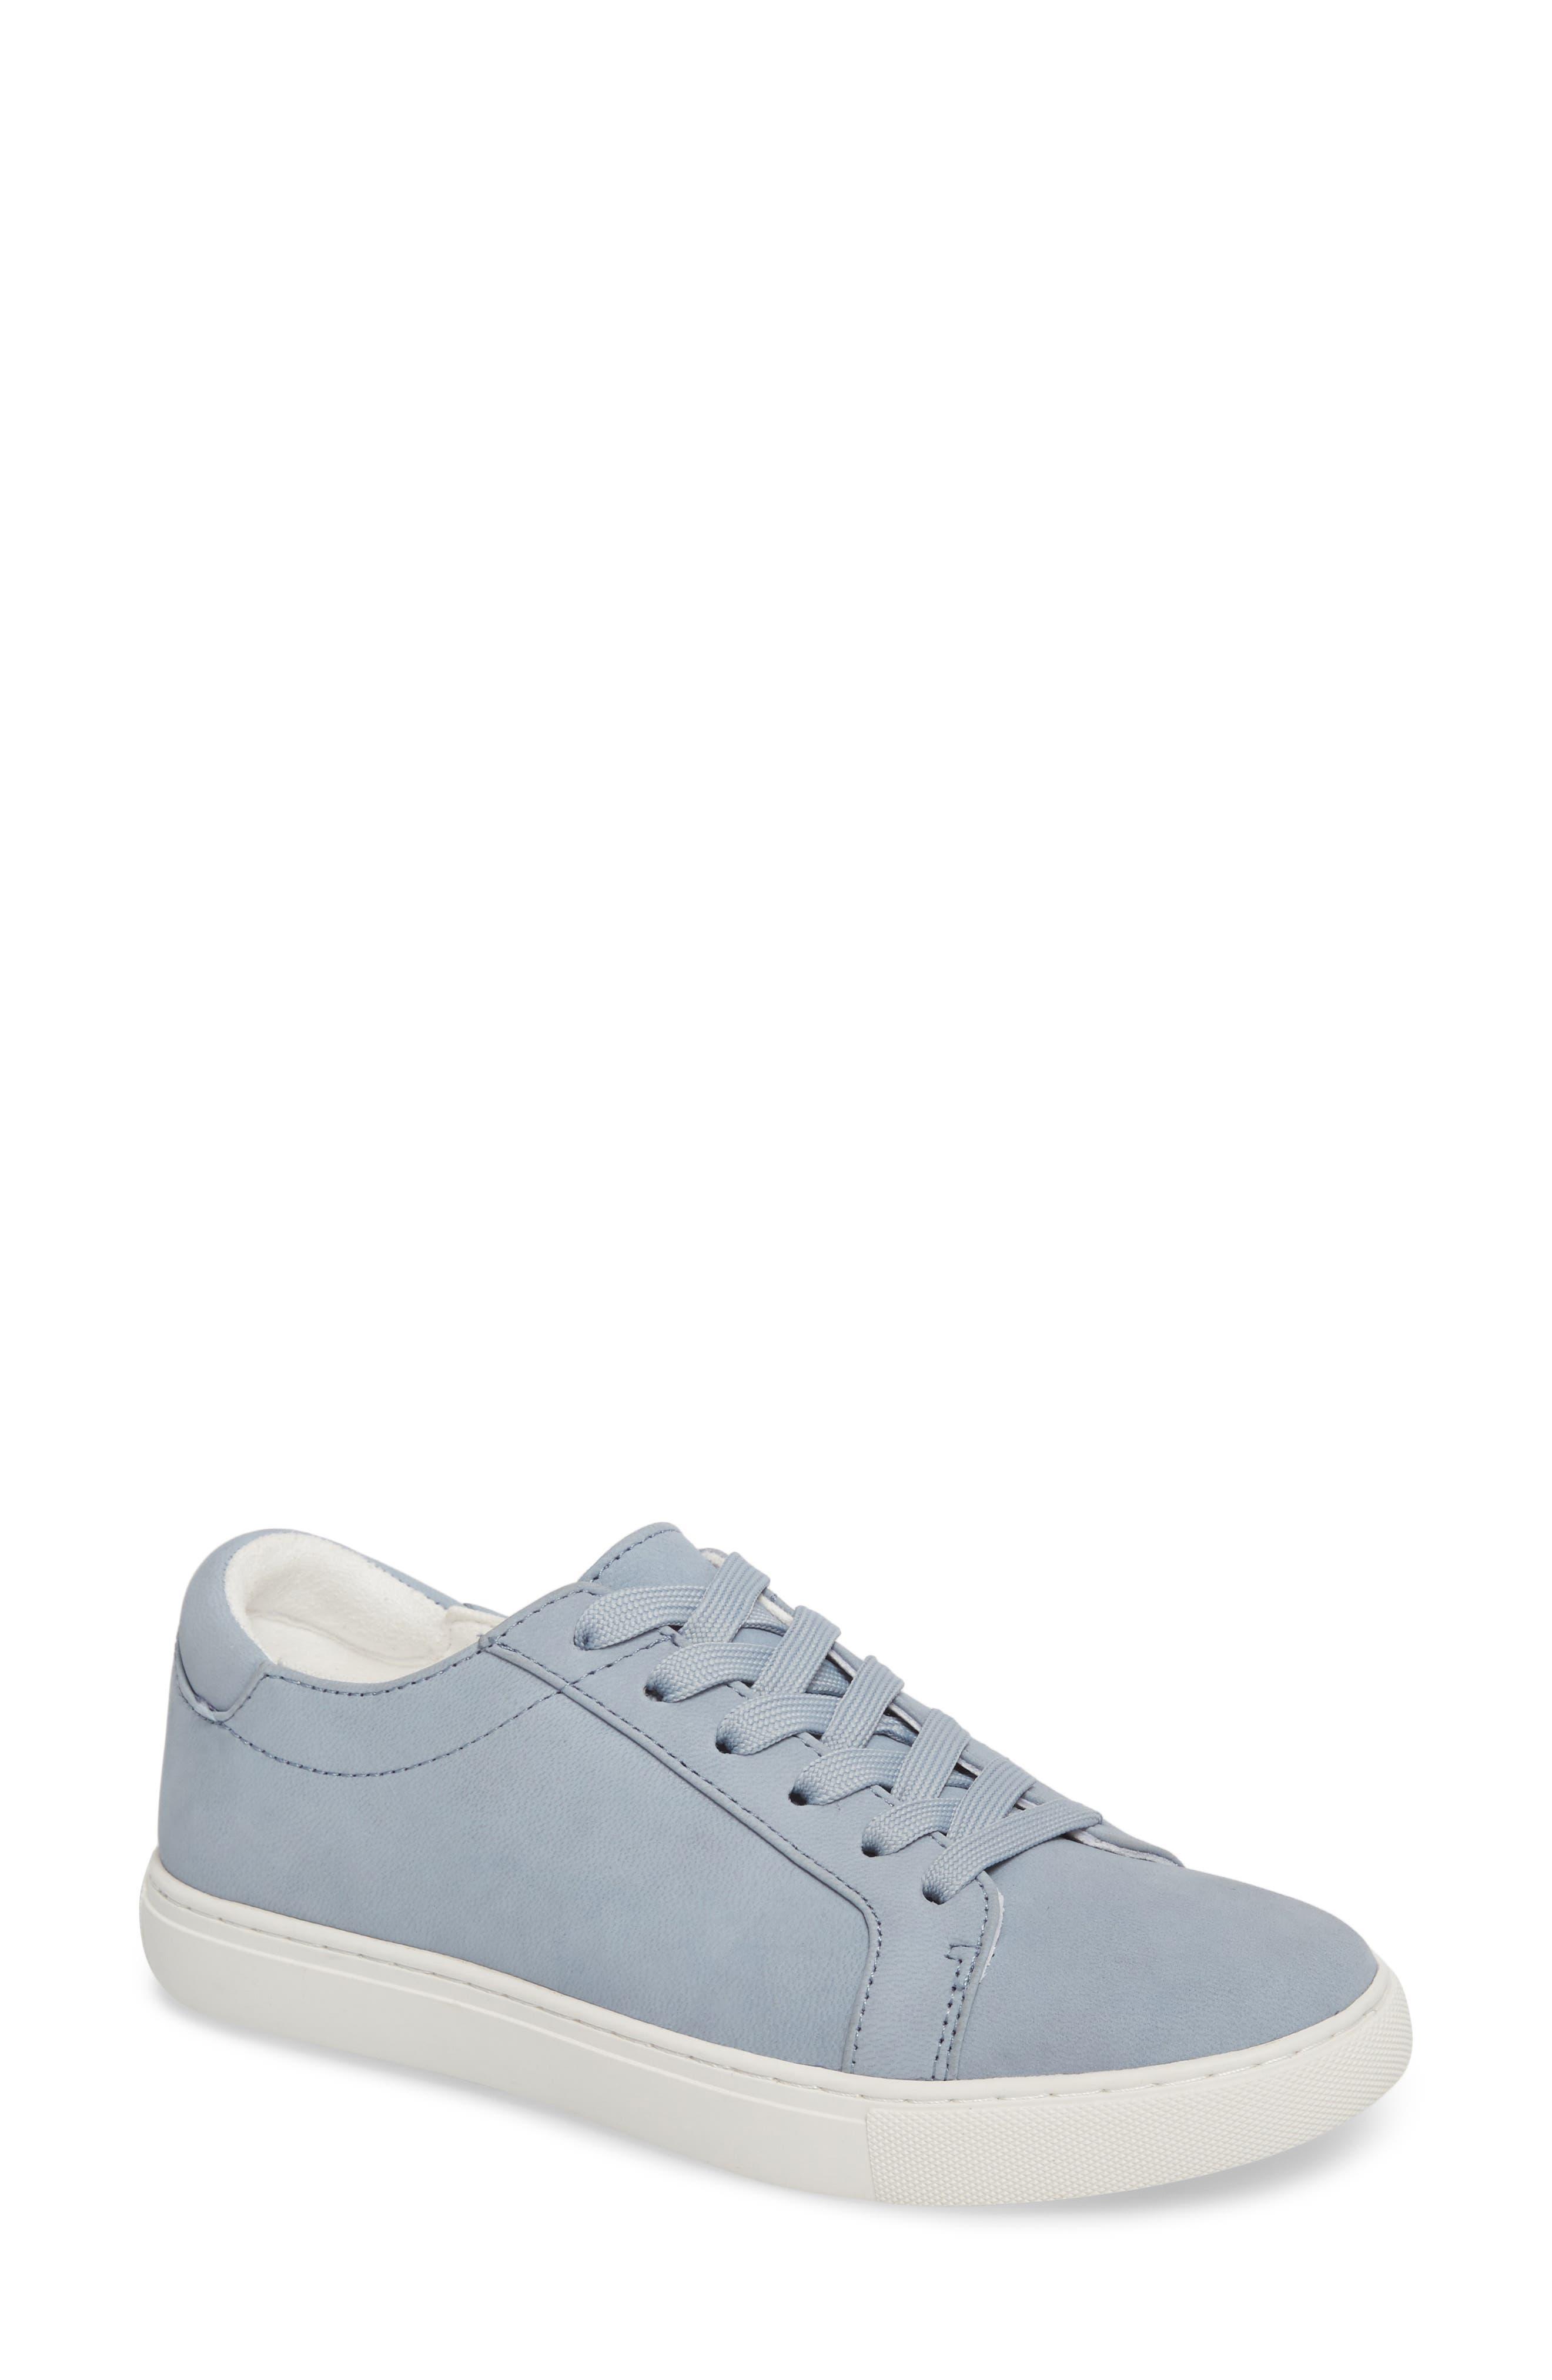 Kam Techni-Cole Sneaker,                         Main,                         color, 025